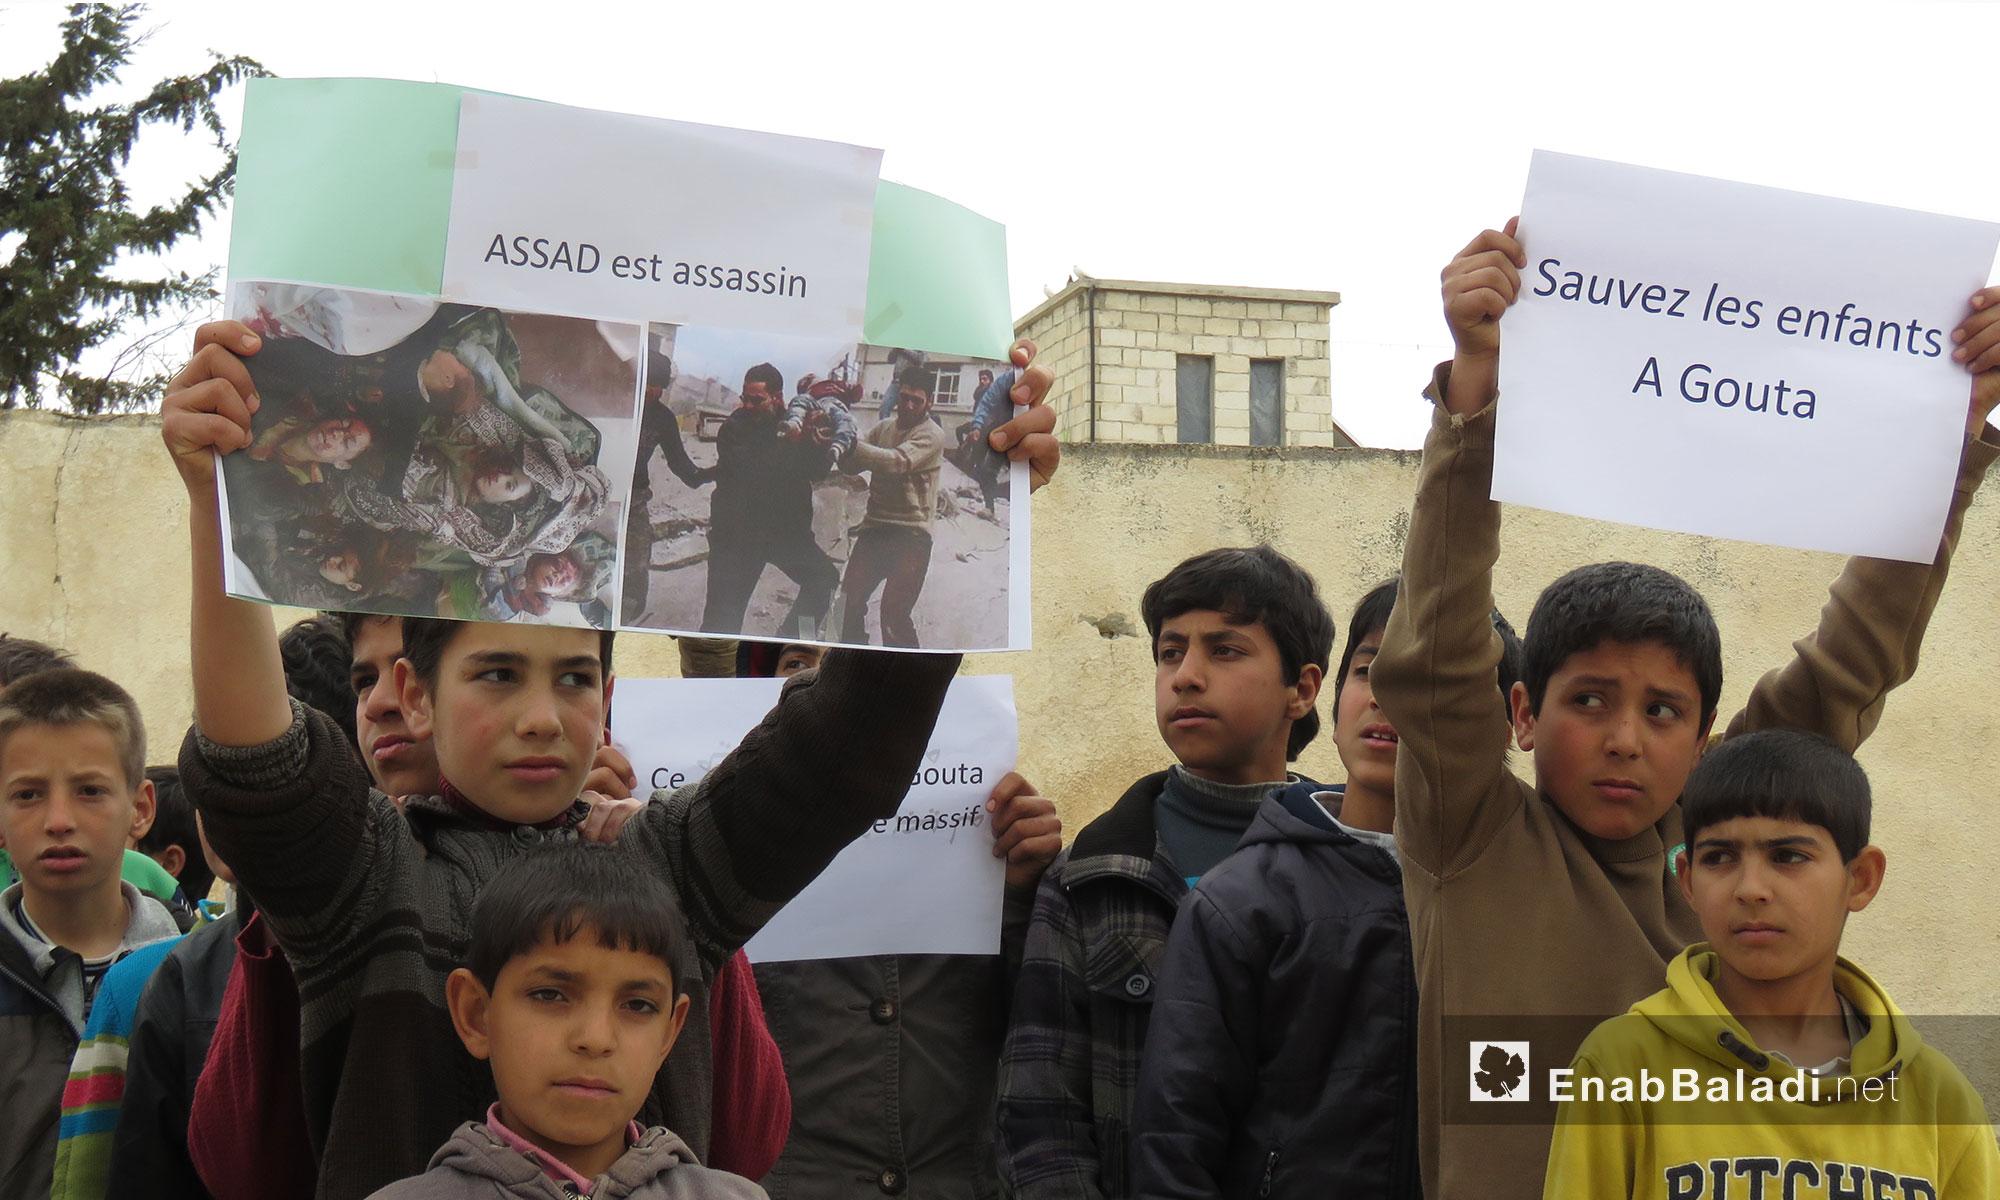 ناشطون من ريف حماة يتظاهرون نصرة للغوطة الشرقية في جبل الزاوية بريف إدلب - 23 شباط 2018 (عنب بلدي)